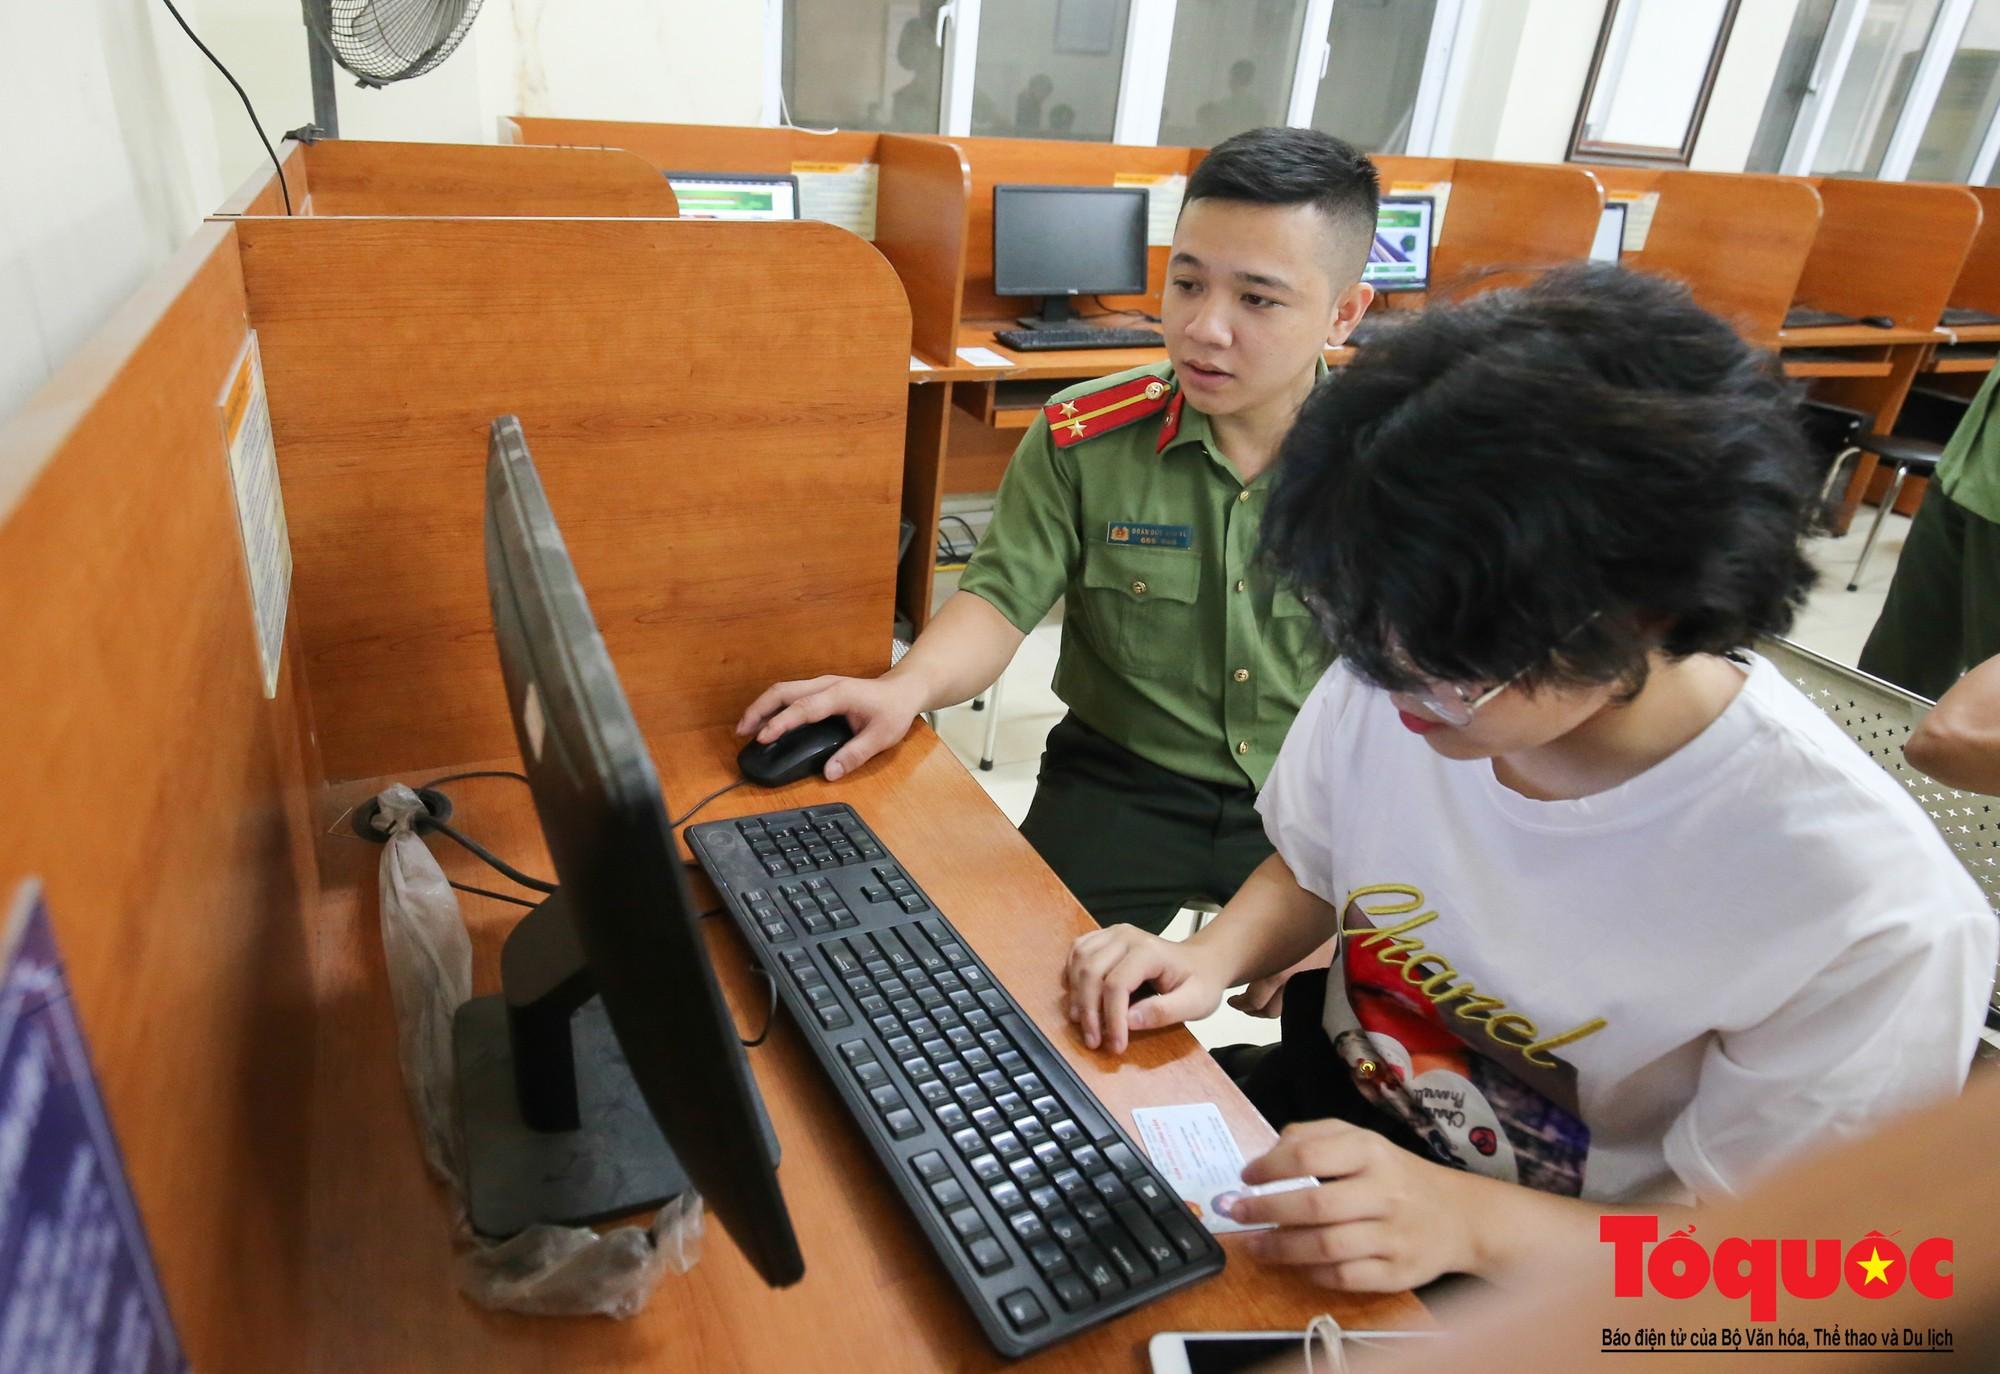 Lực lượng Công an Thủ đô vui tươi, tình nguyện phục vụ nhân dân trong Chủ Nhật (8)